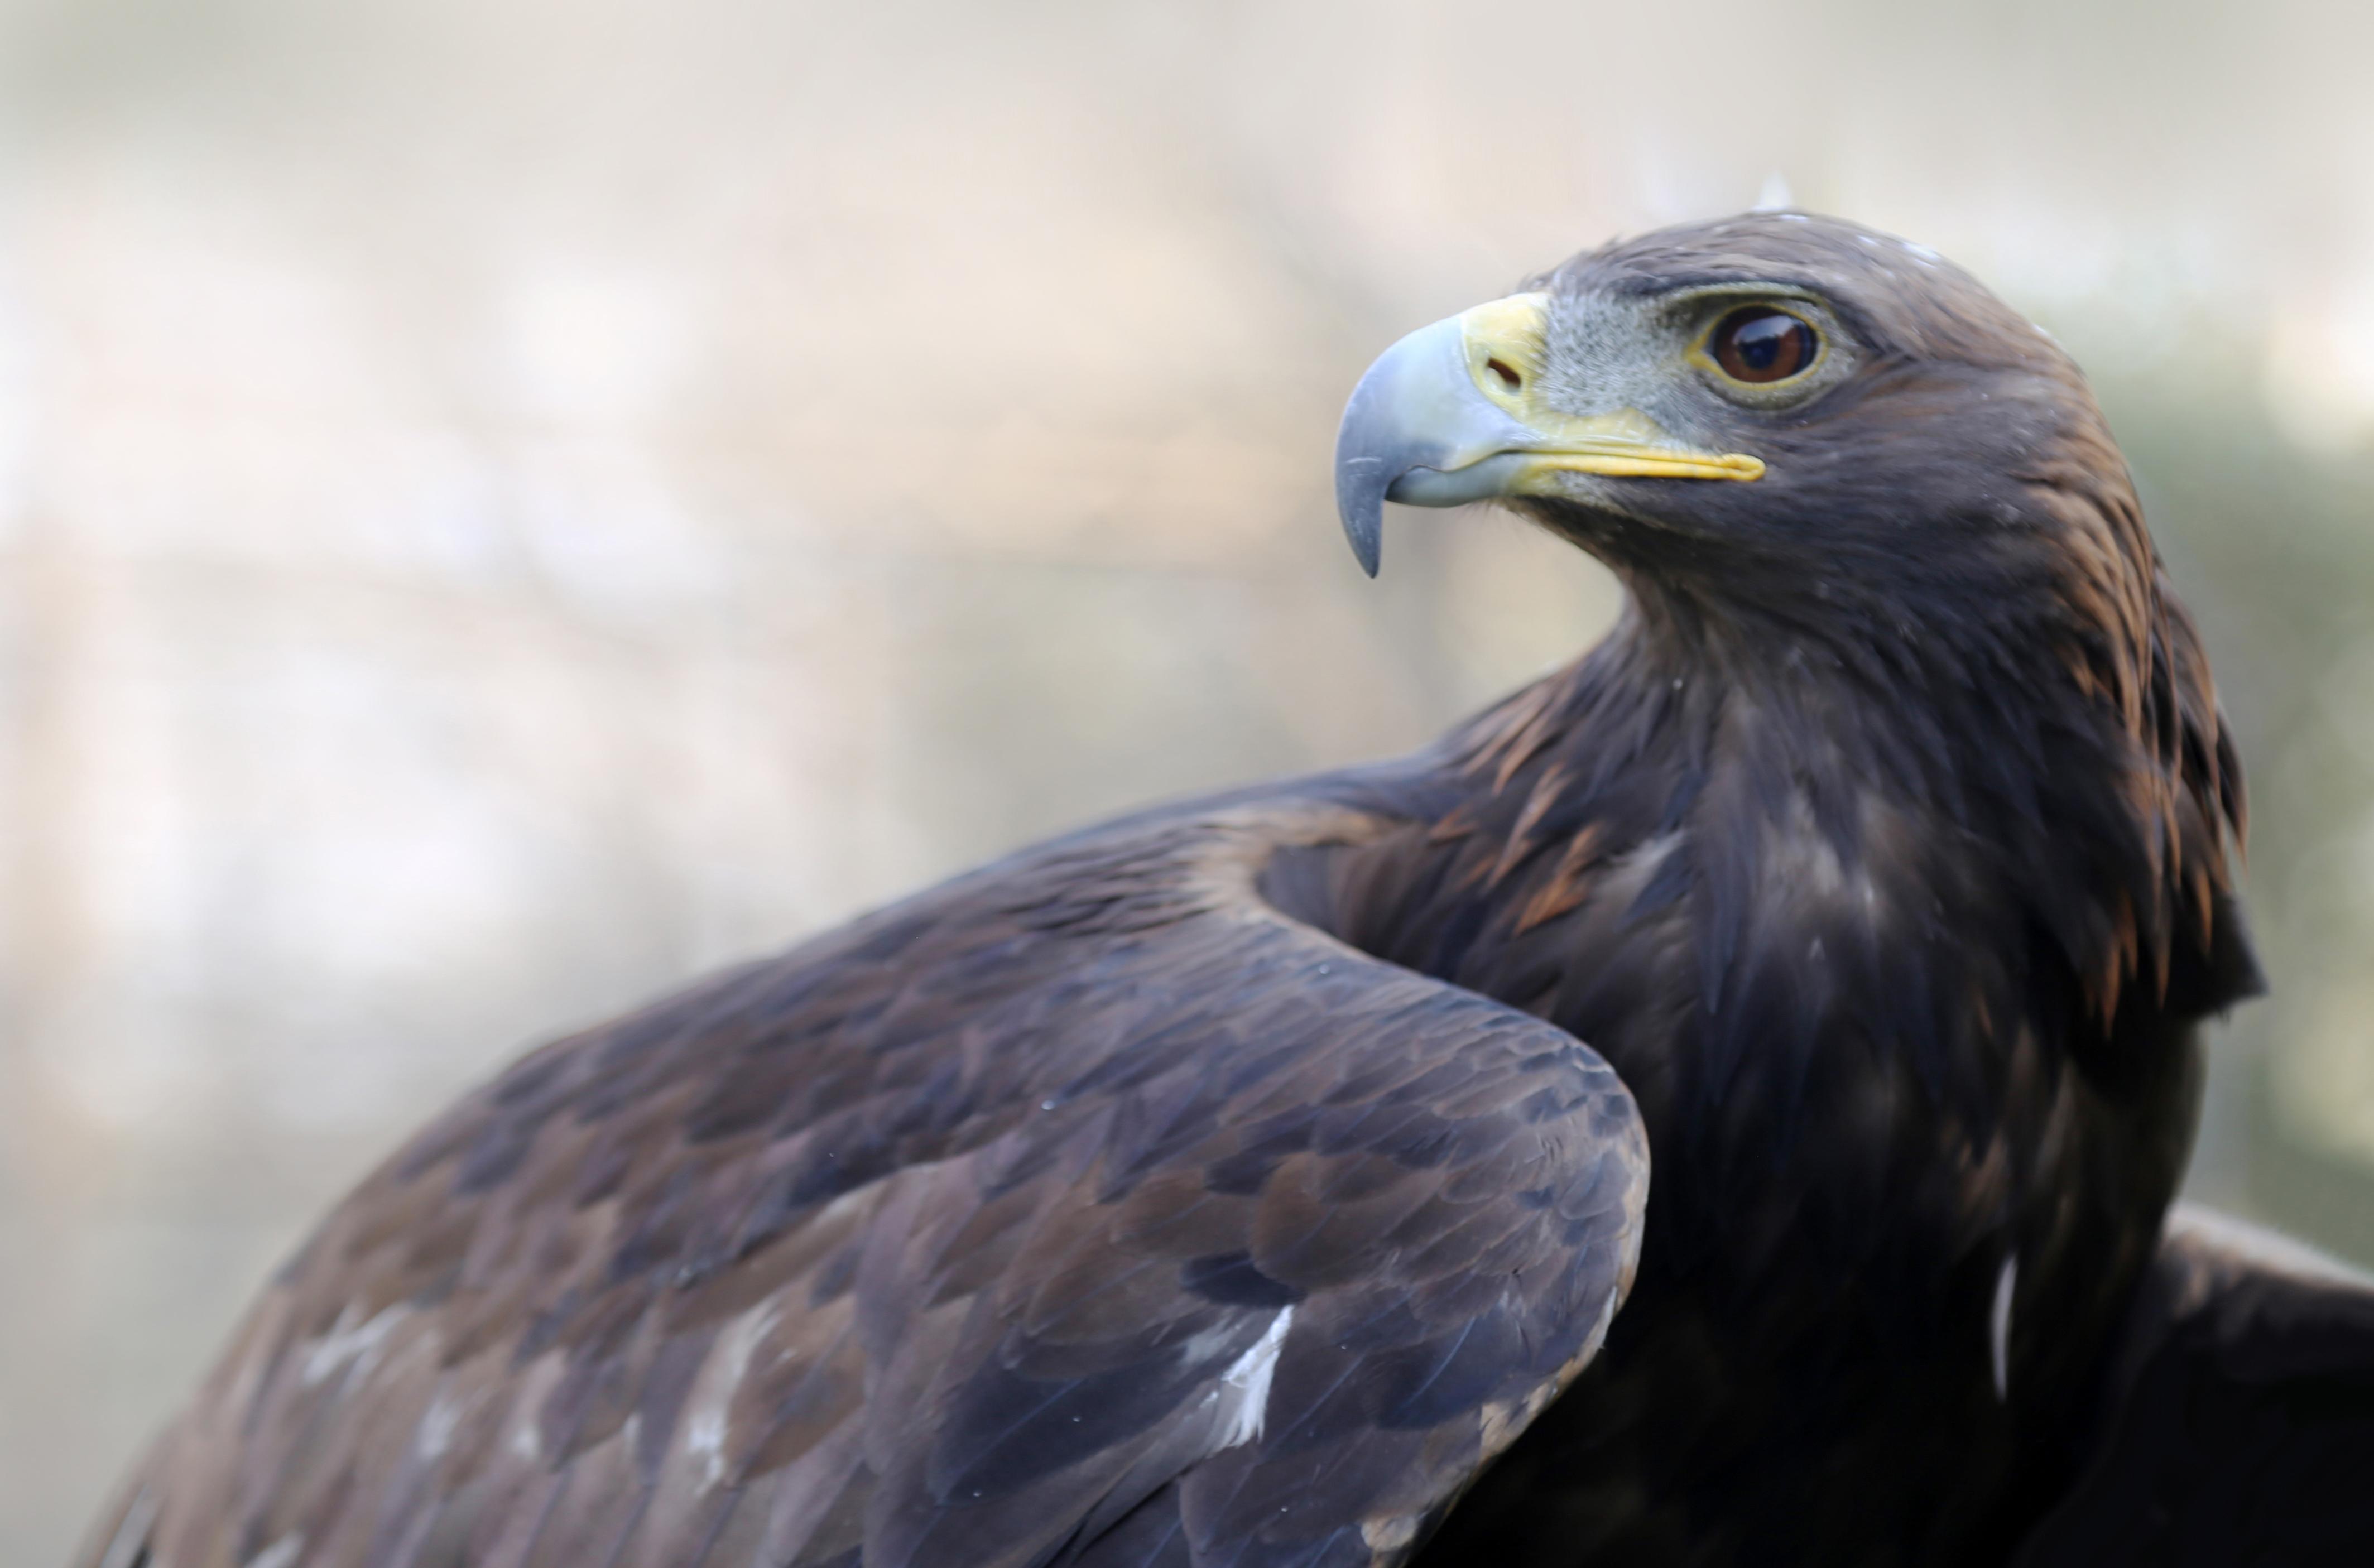 El Día Nacional del Águila Real ya no sólo es una efeméride de concientización, sino también una fecha de celebración por los esfuerzos exitosos para conservar esta especie.